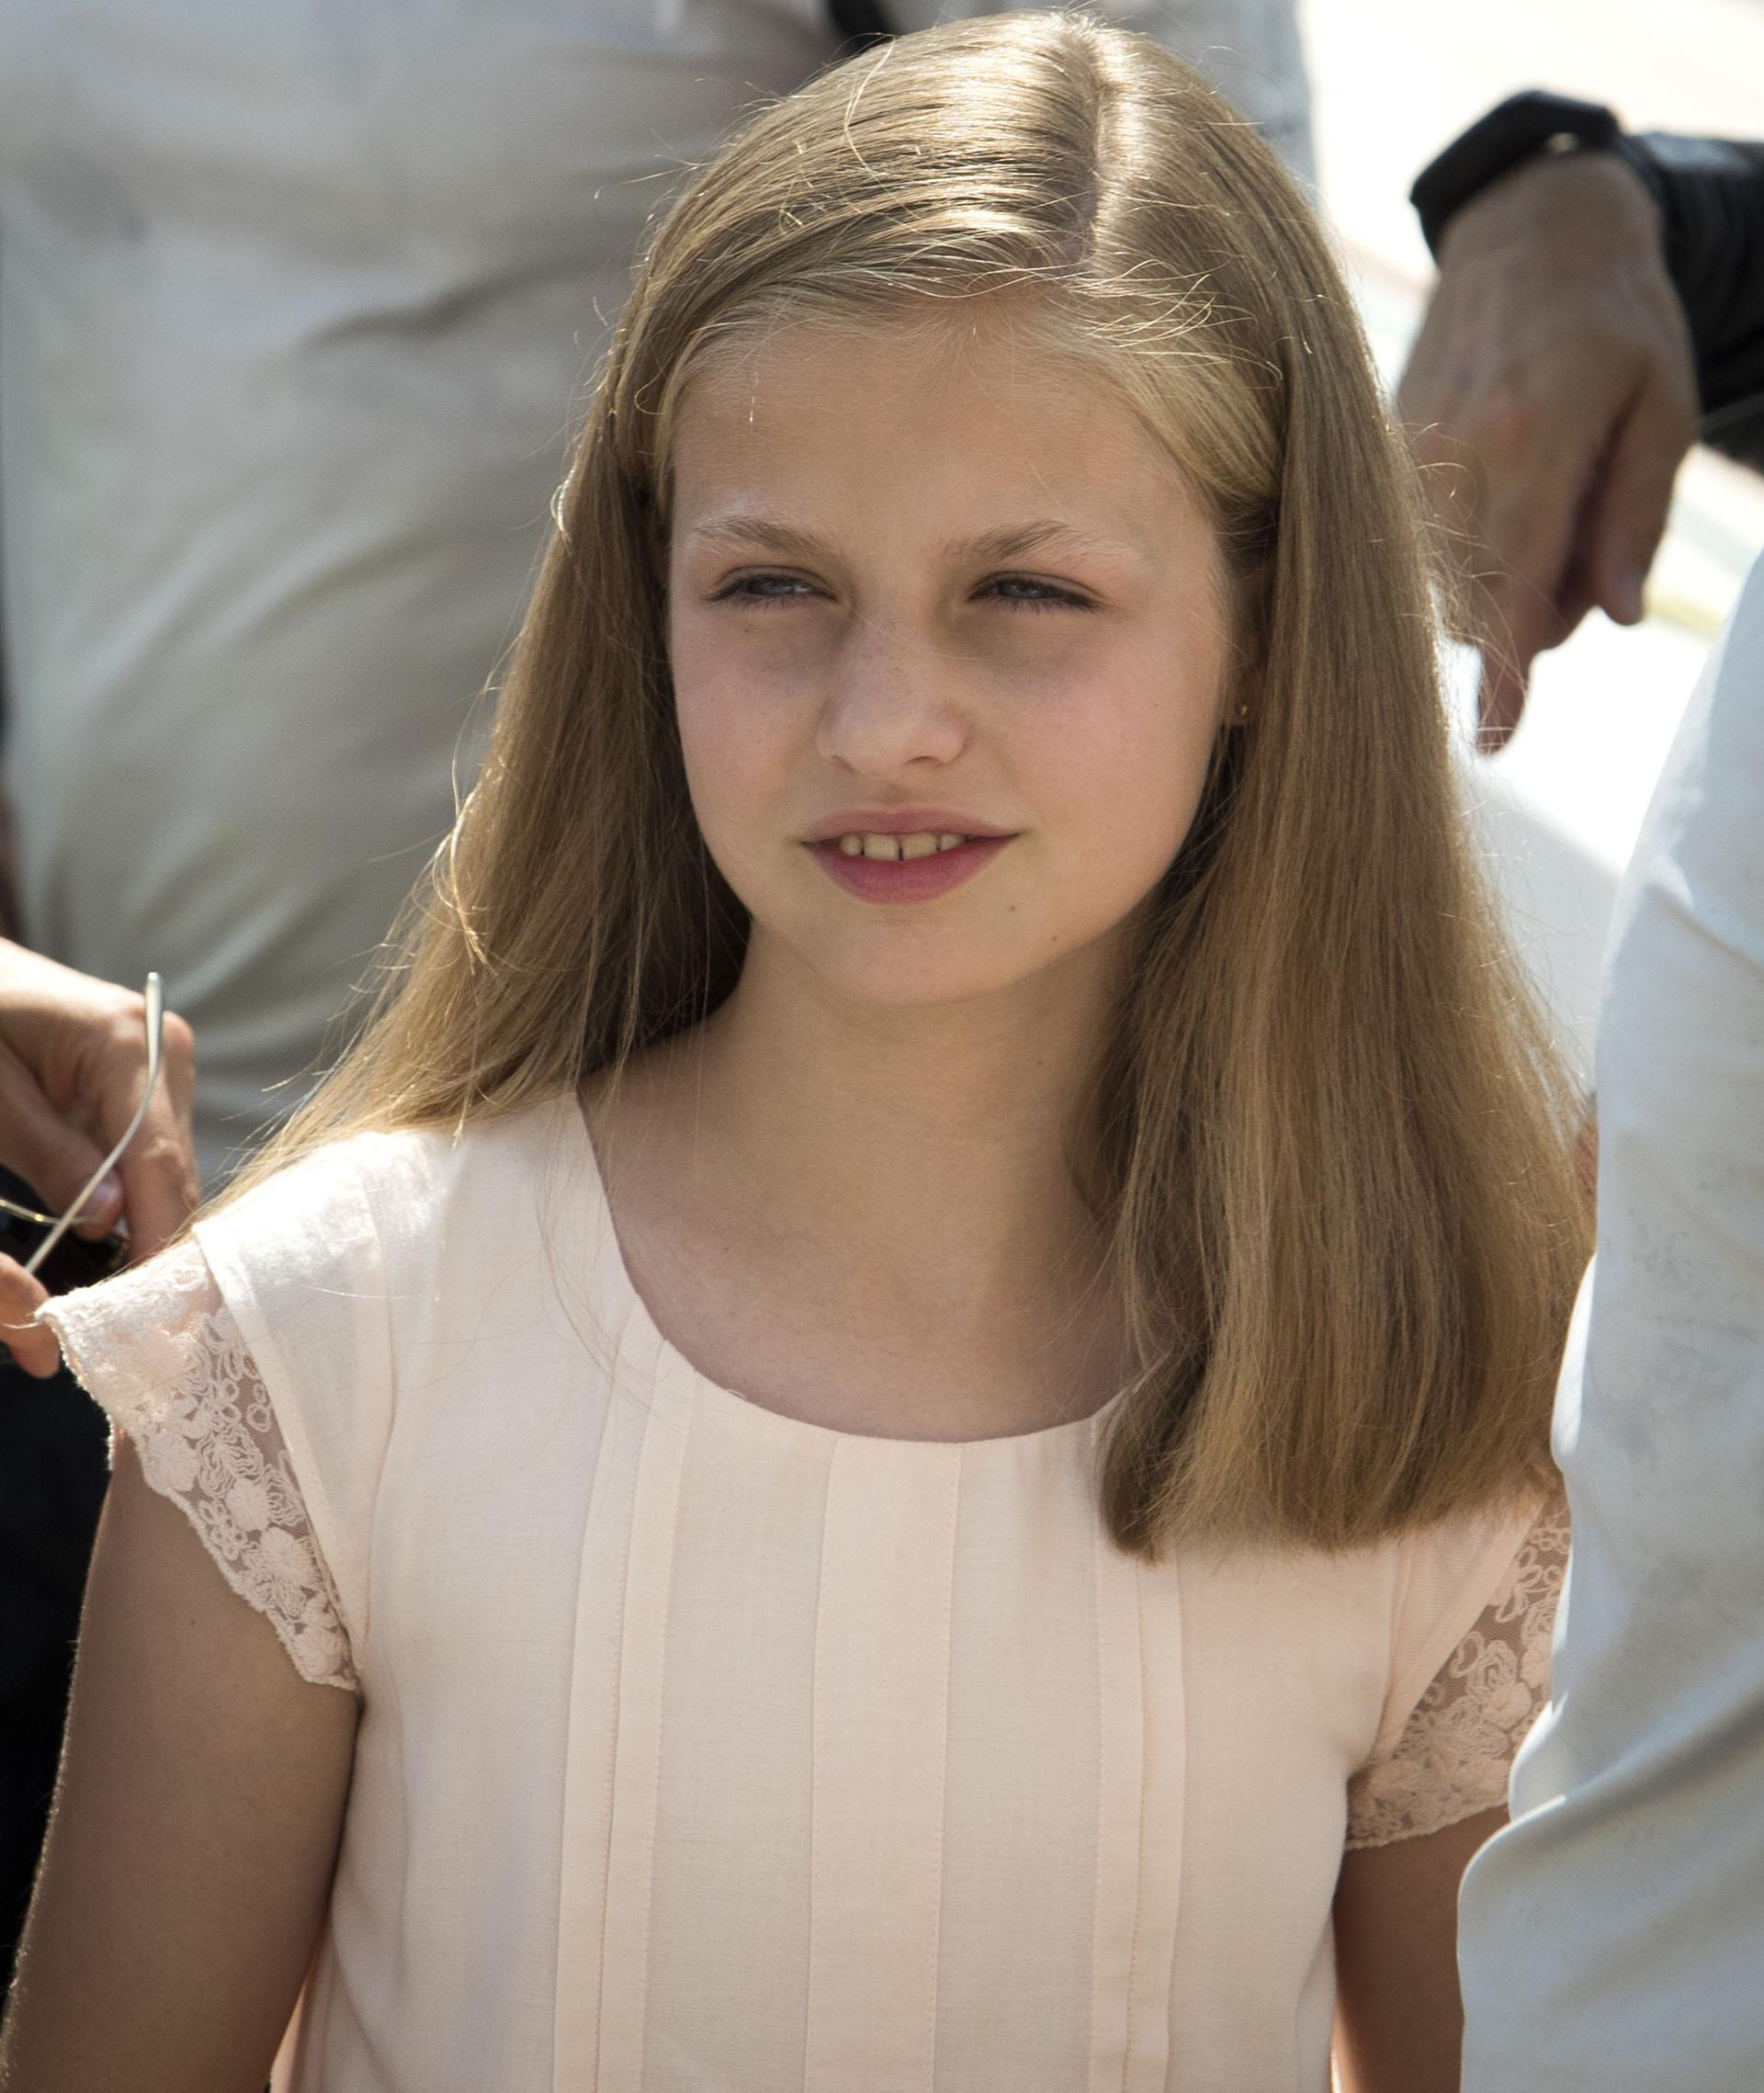 La princesa Leonor se encuentra primera en la línea sucesora al trono de España